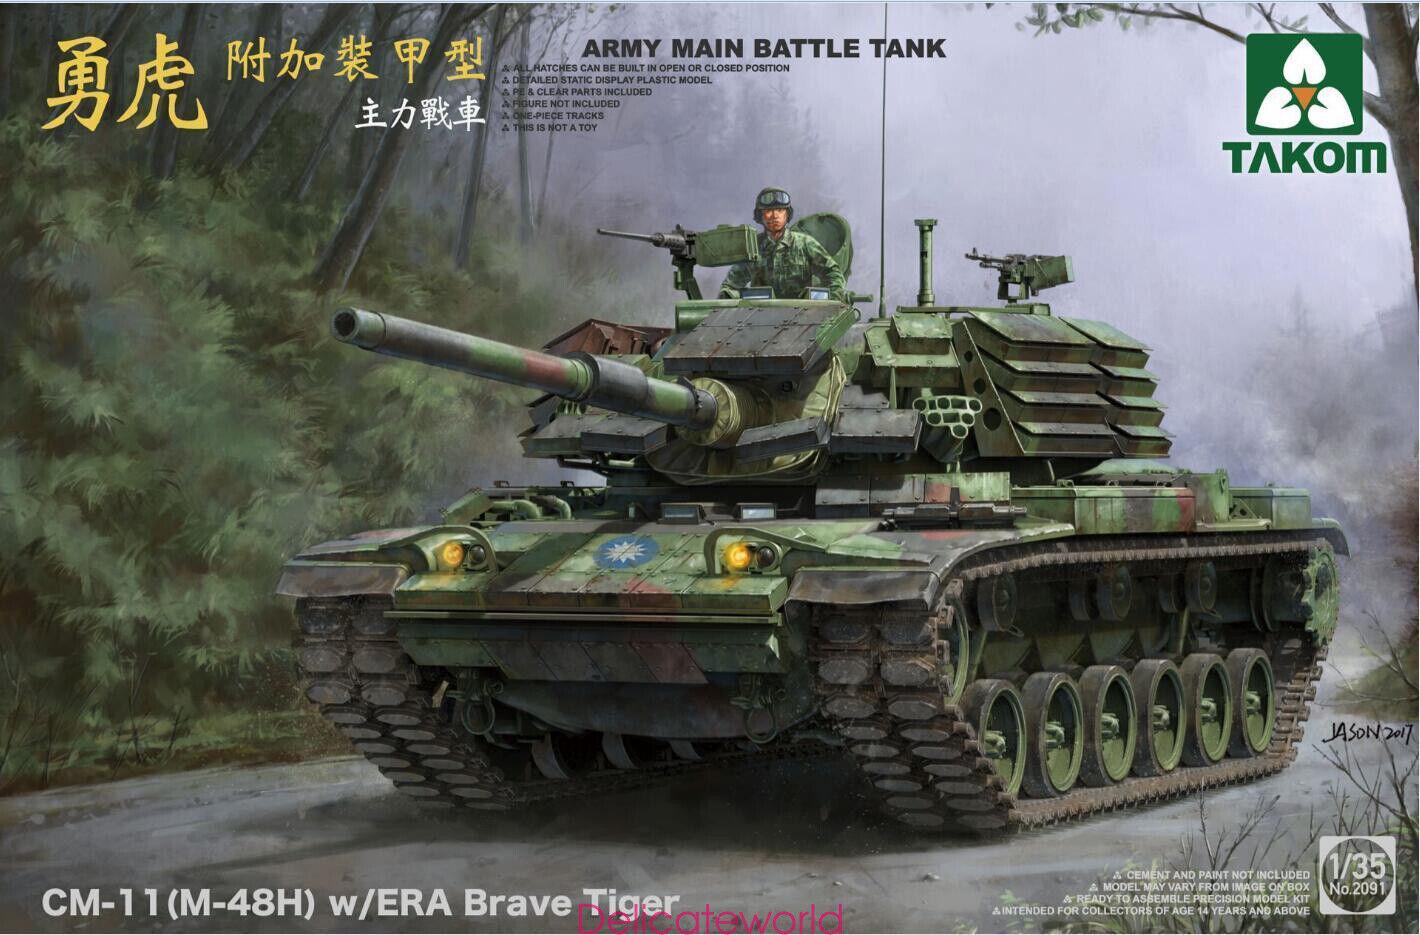 Takom 2091 1 35 R.O.C. Army MBT CM-11 (M-48H) Brave Tiger w ERA